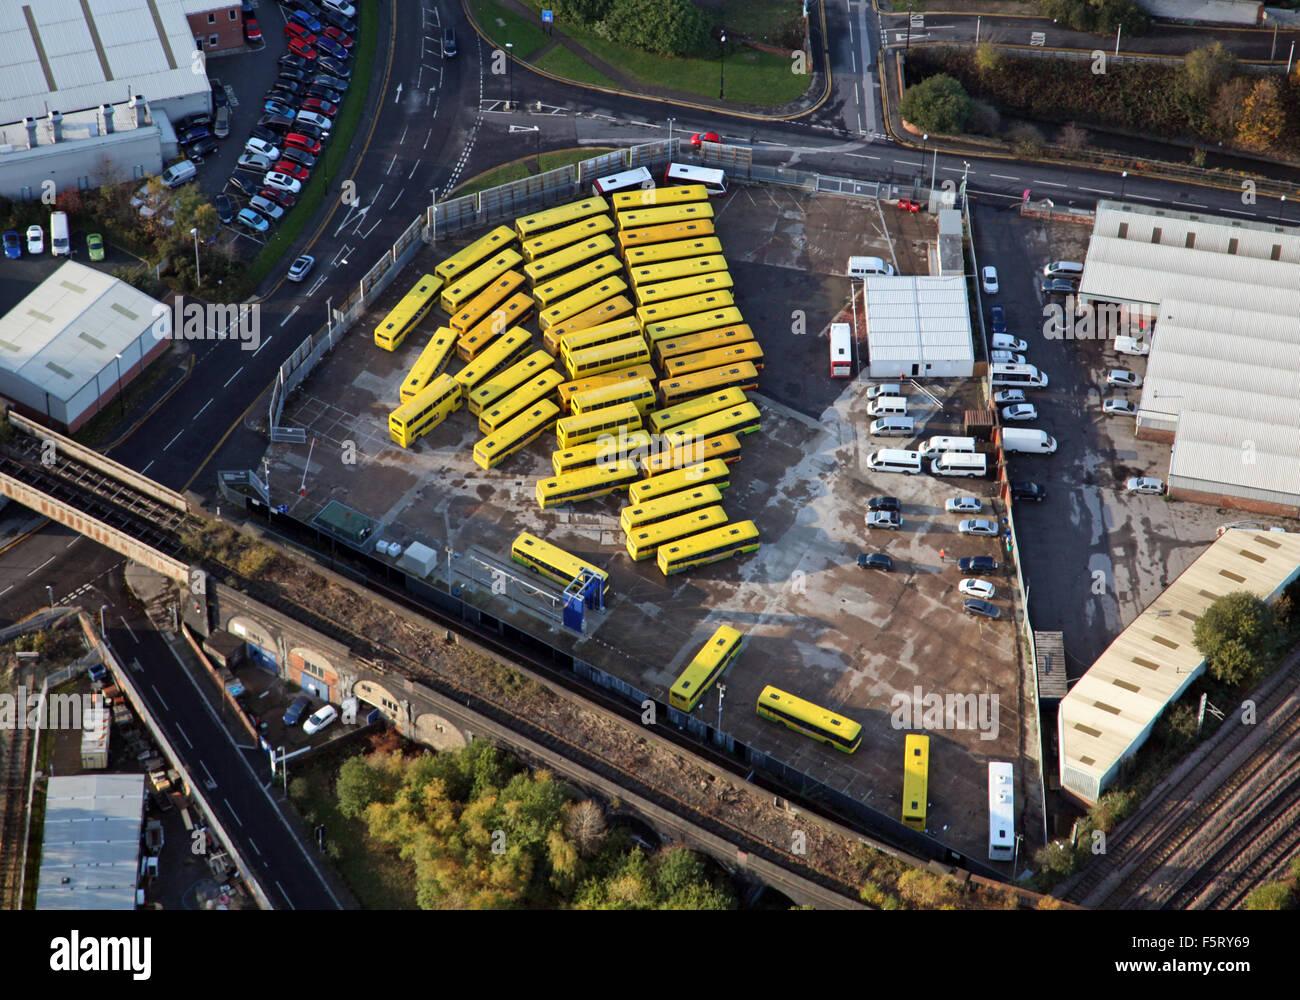 Vista aérea de autobuses amarillos estacionados en un compuesto en el REINO UNIDO Imagen De Stock